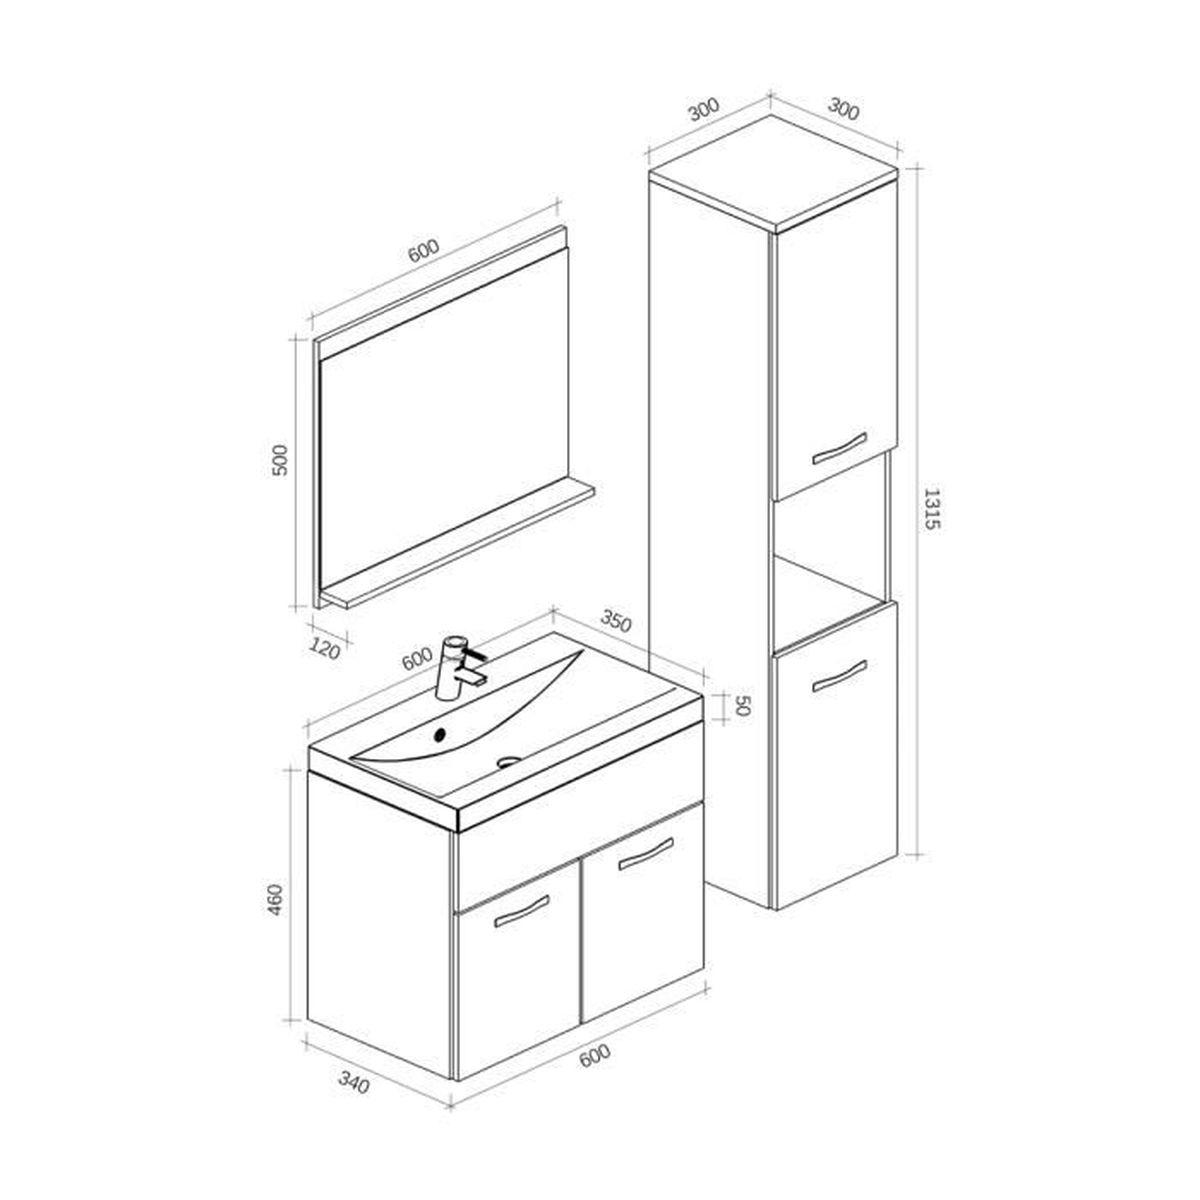 Meuble de salle de bain Montréal 60 cm lavabo Bodega - Armoire de rangement  Meuble lavabo évier Meubles